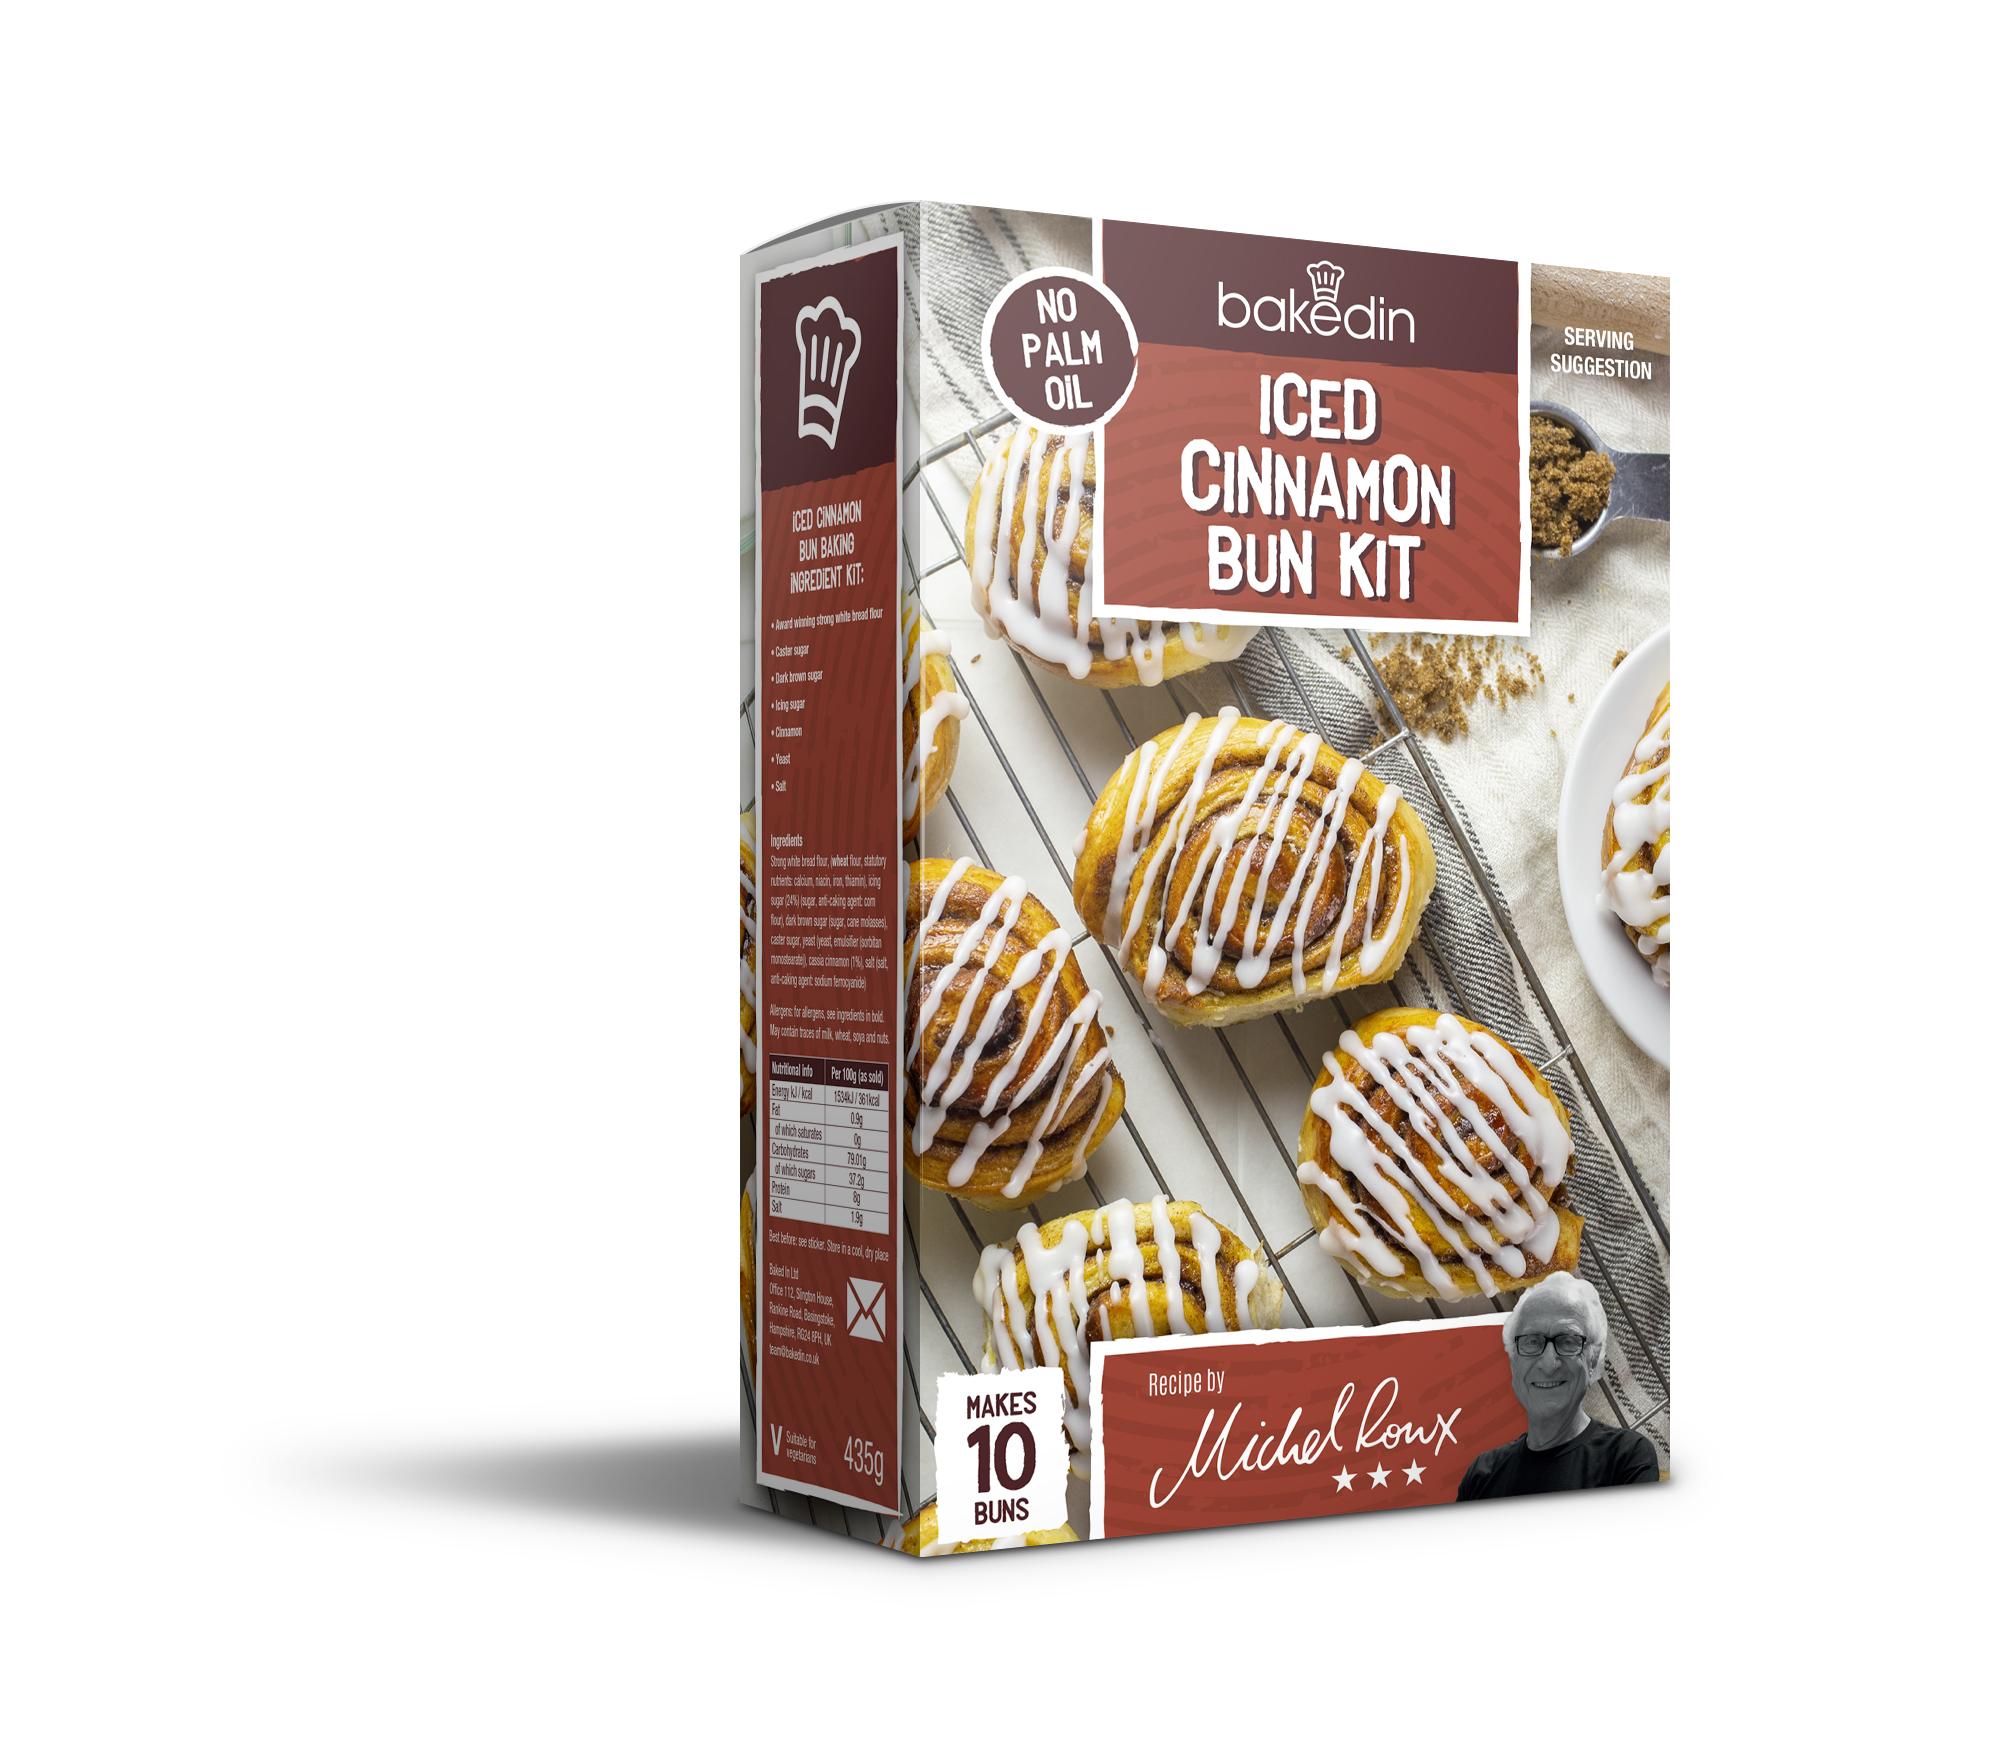 Baked In Iced Cinnamon Bun Kit